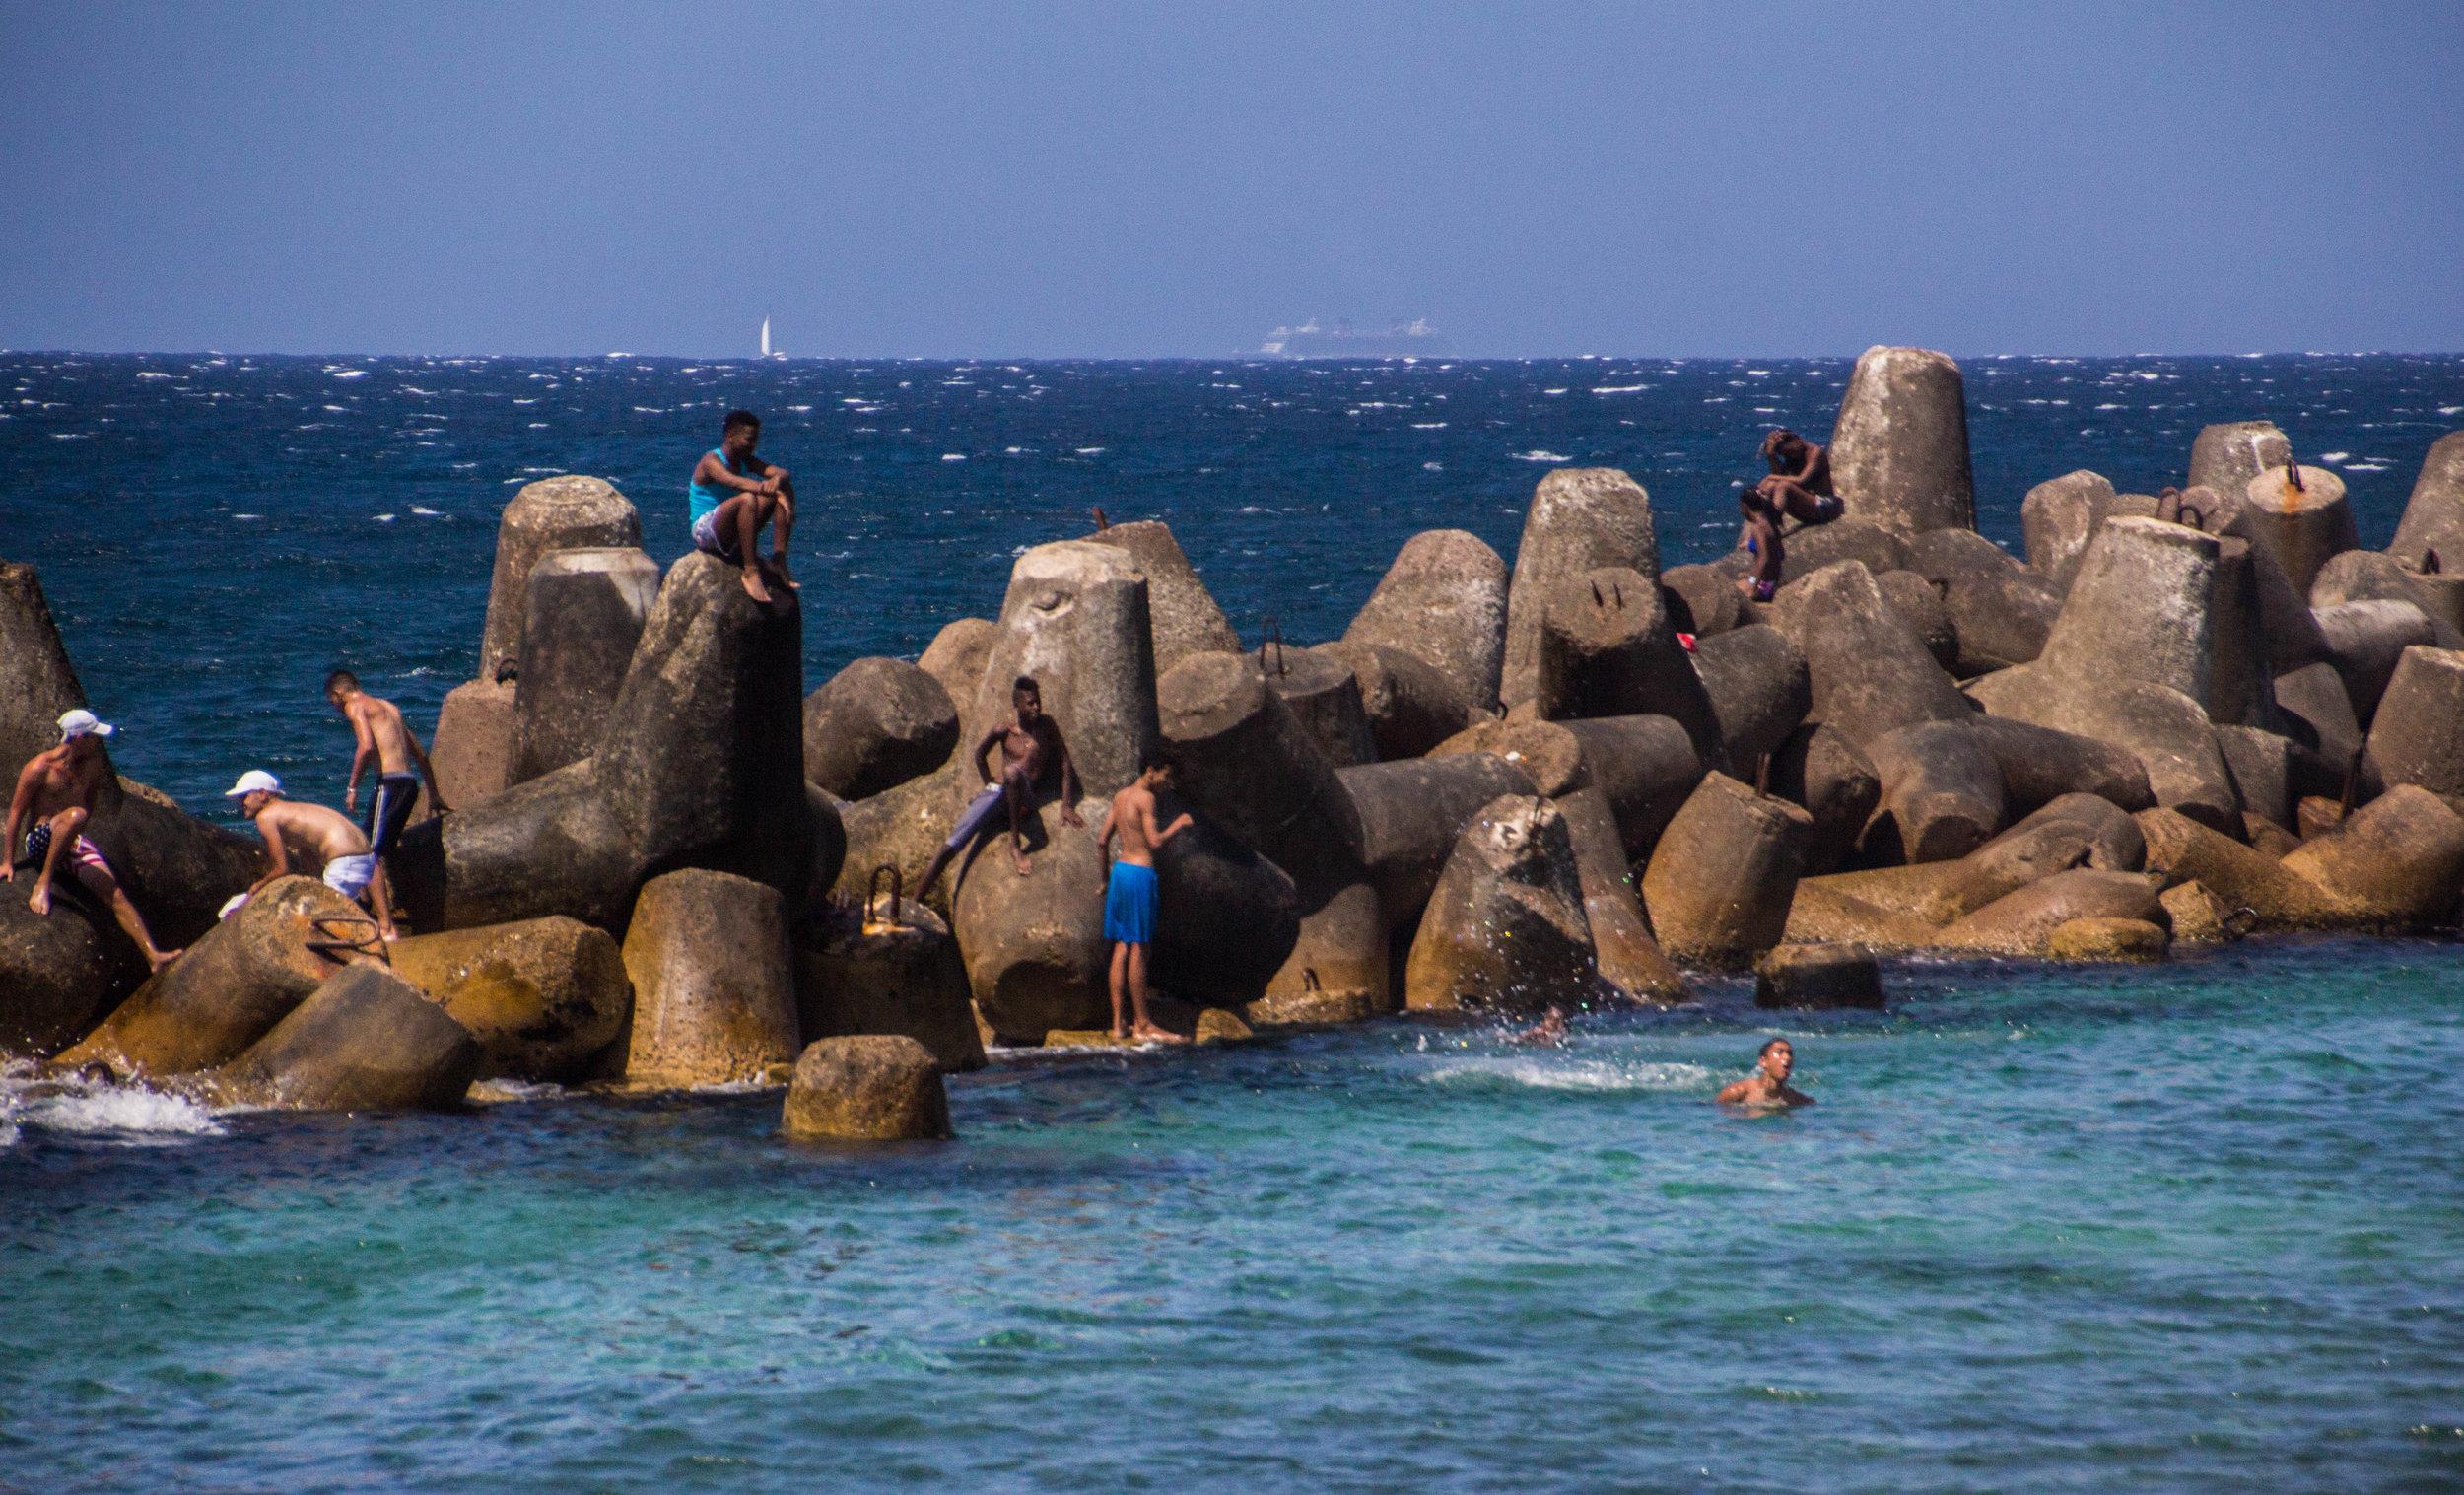 urban beach miramar havana cuba-1-2-2.jpg